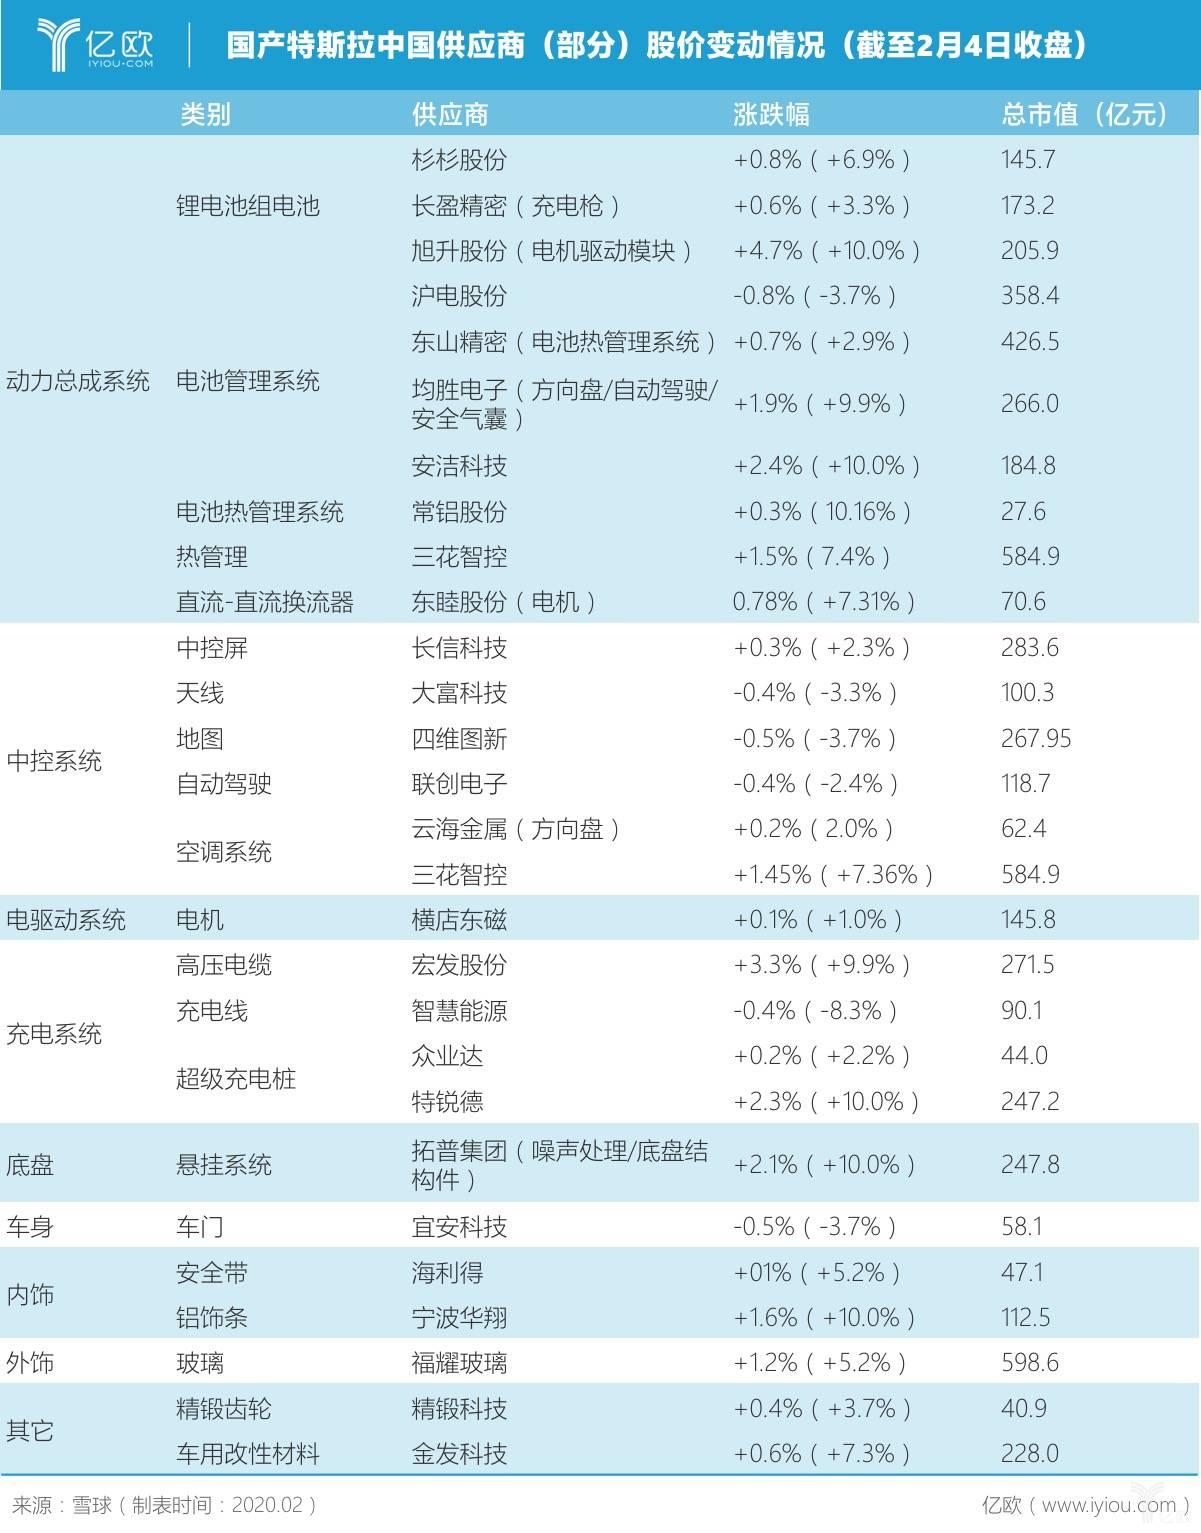 特斯拉中国供应商(部分)股价变化情况(截至2月4日收盘)